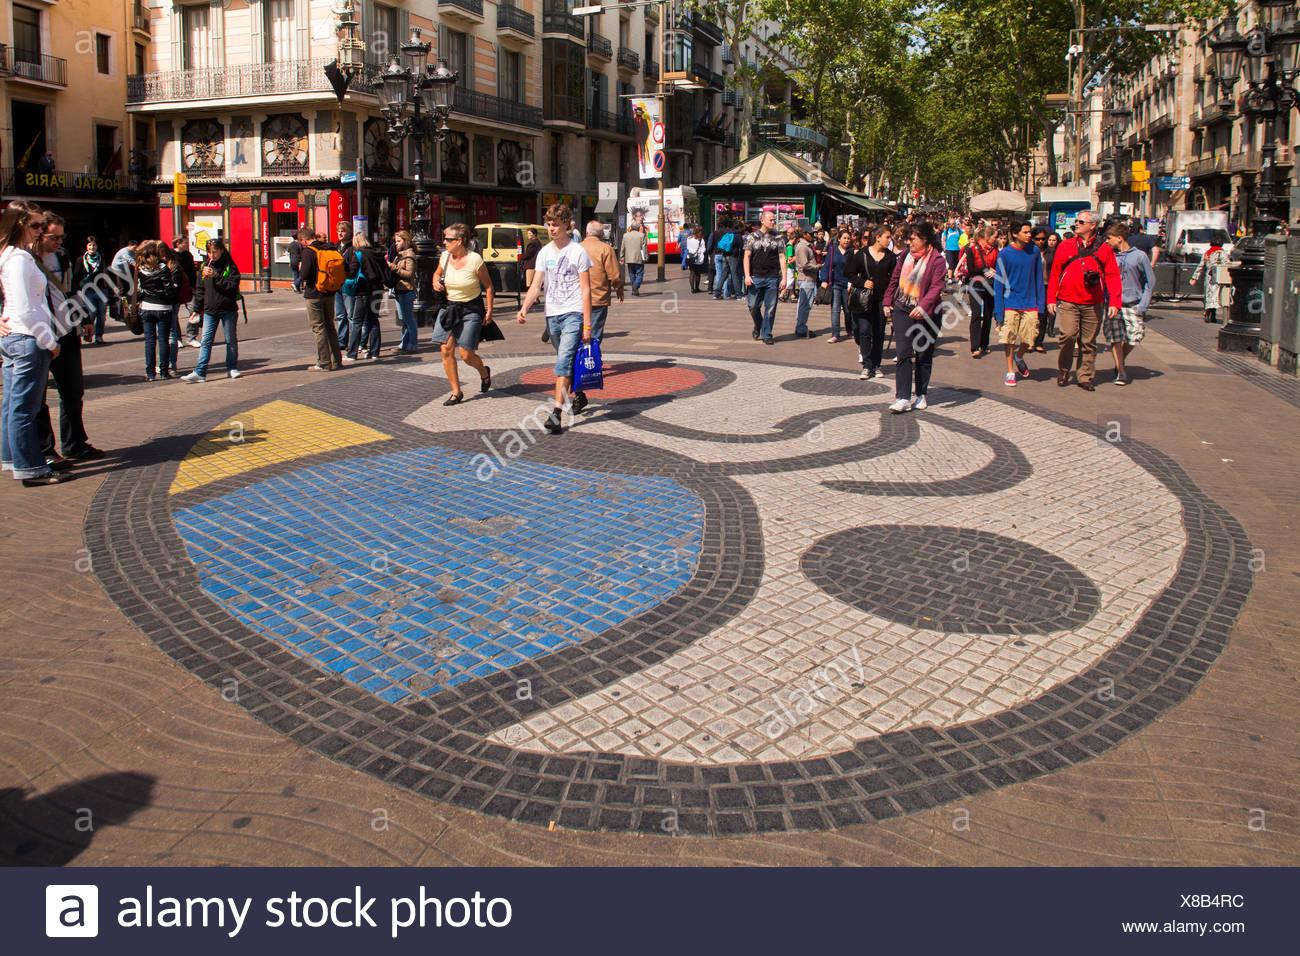 Mosaico di Miro, pavimento a mosaico, turisti, Ramblas, Rambla, Passeggiate, zona pedonale, Barcellona, in Catalogna, Spagna, Europa Immagini Stock